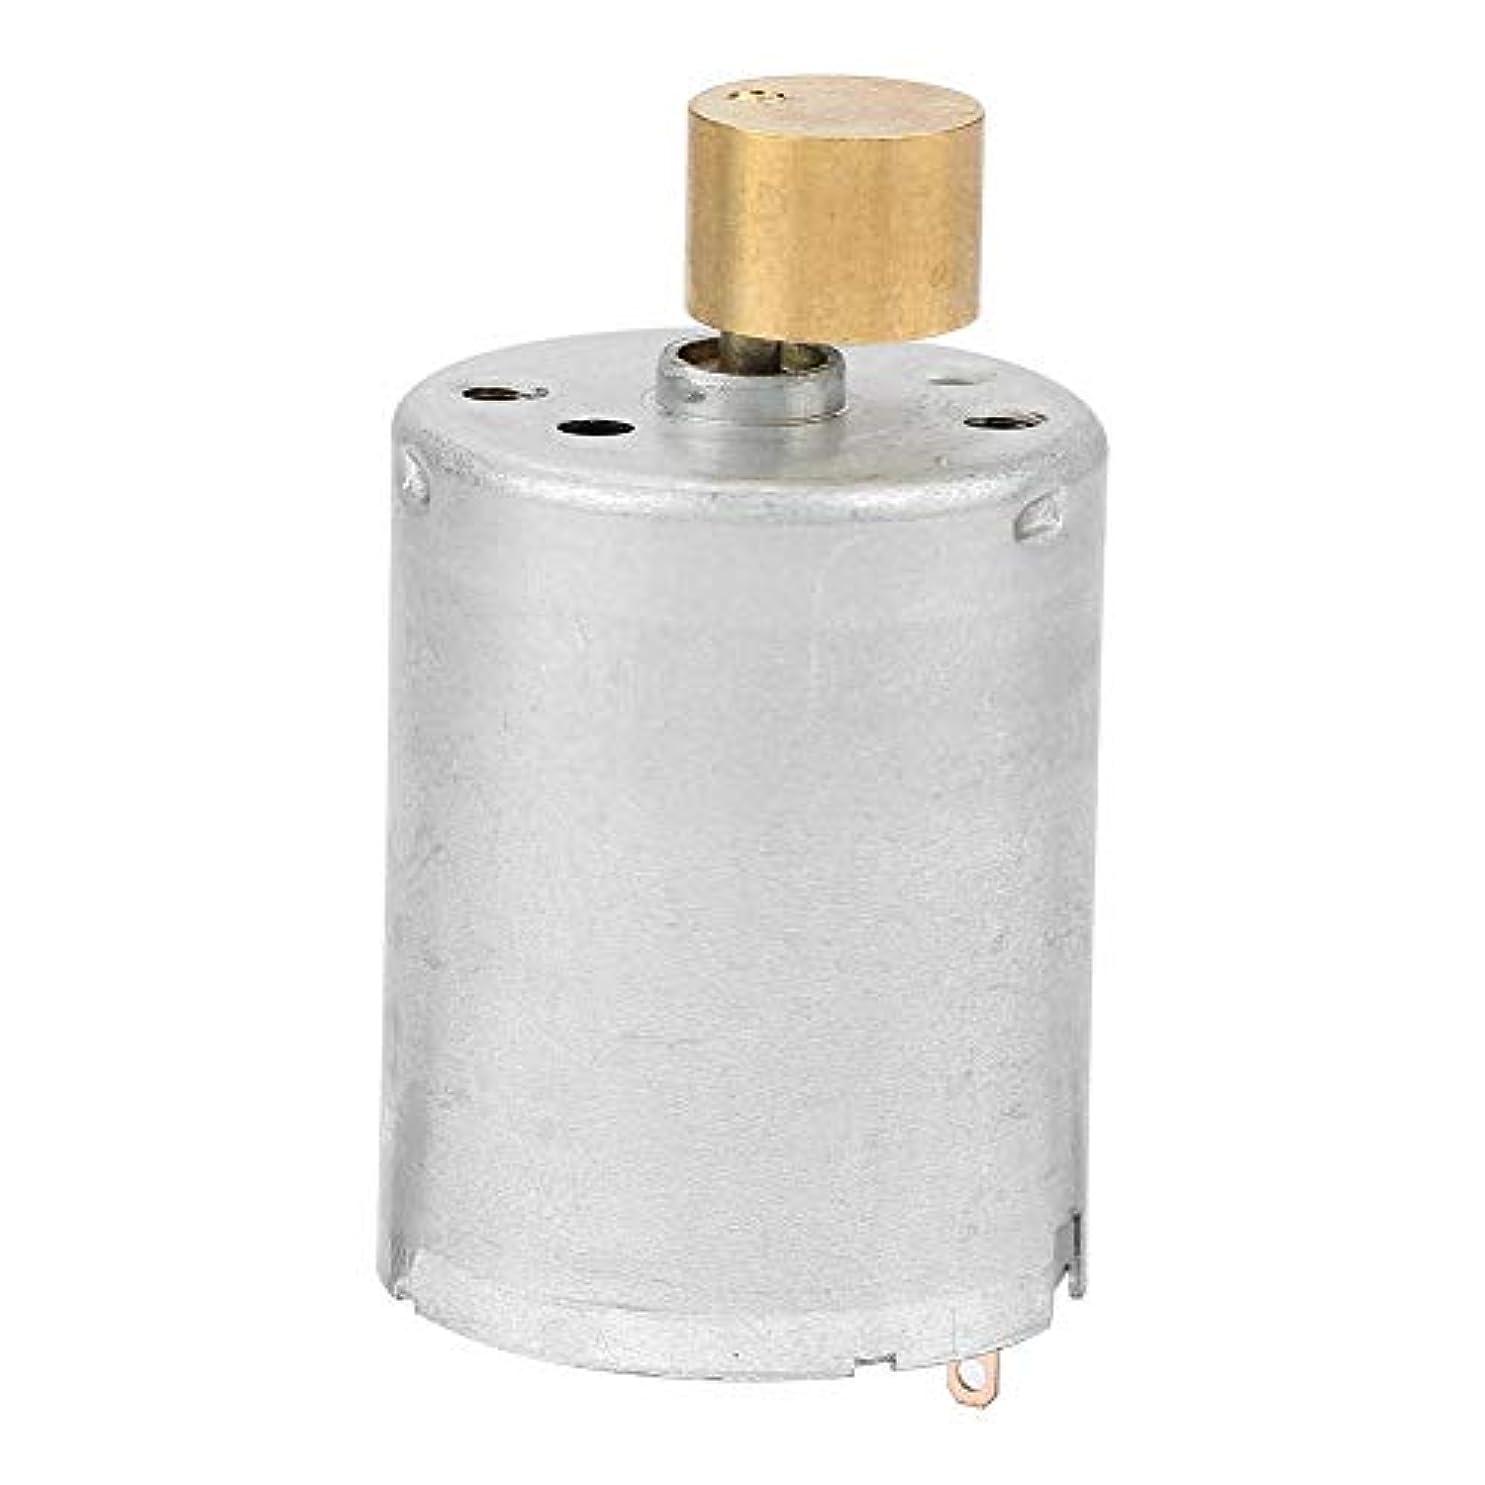 非難するスカウトステンレスマッサージ装置のための振動モーターRF370 DCの小型強い振動振動モーター12V